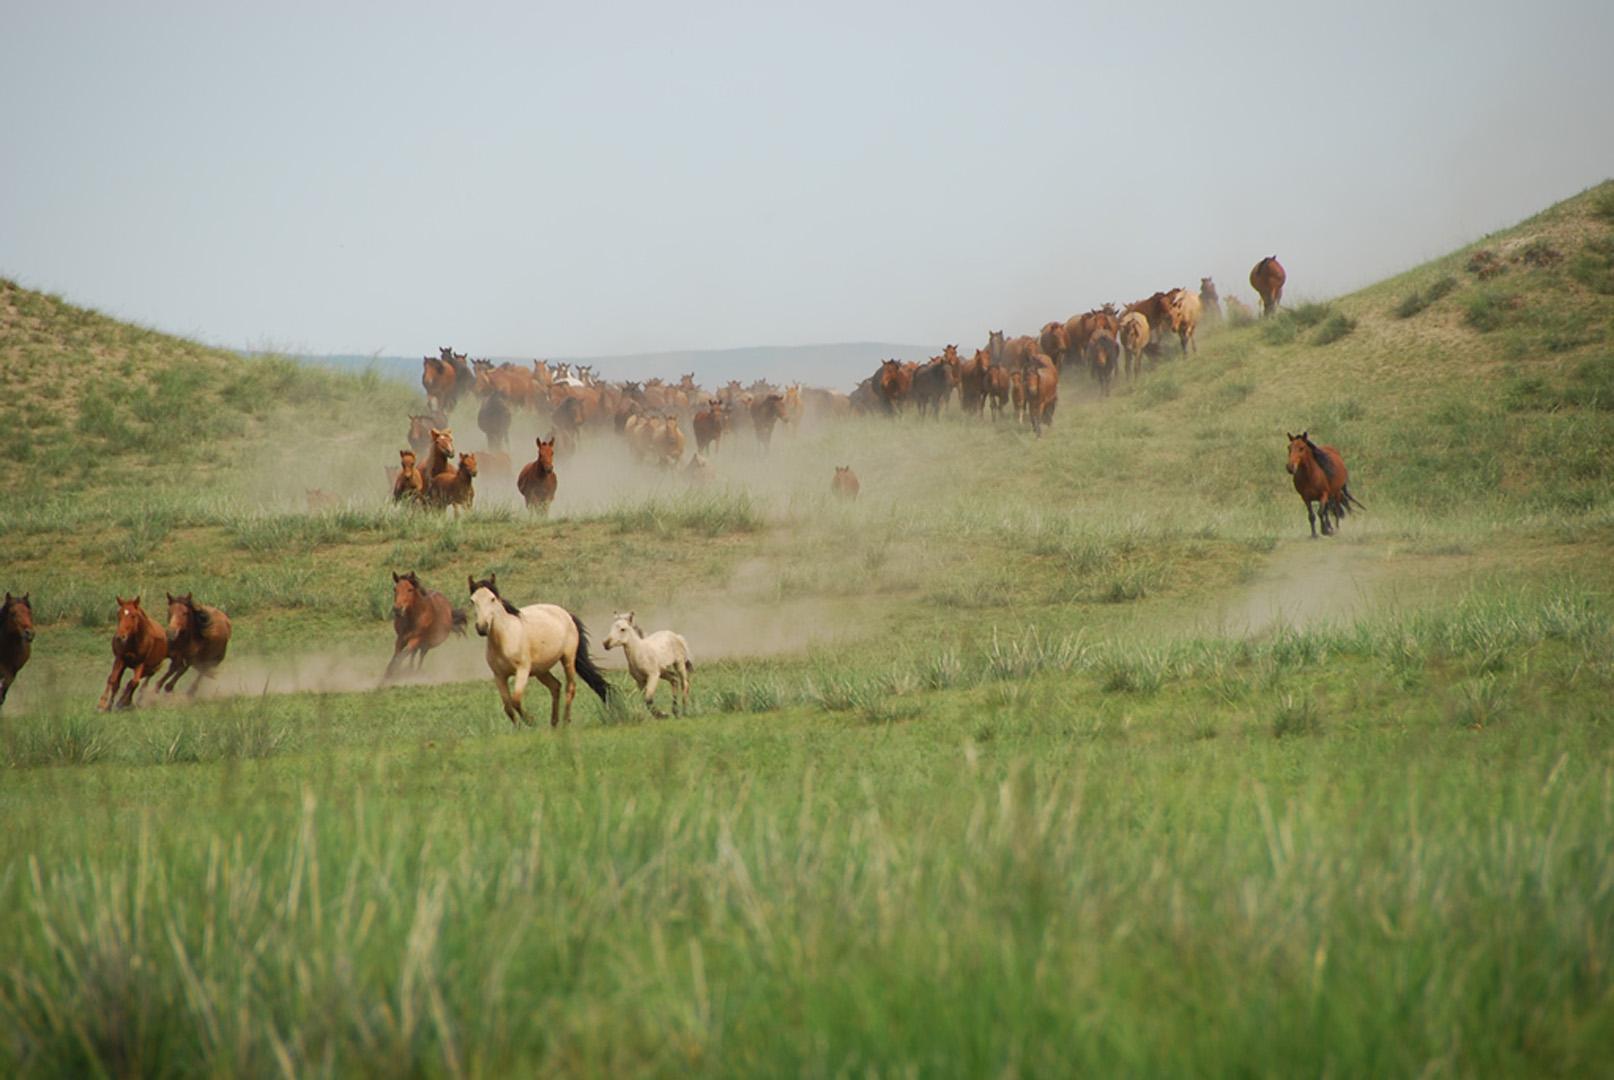 Pferde in der mongolischen Steppe